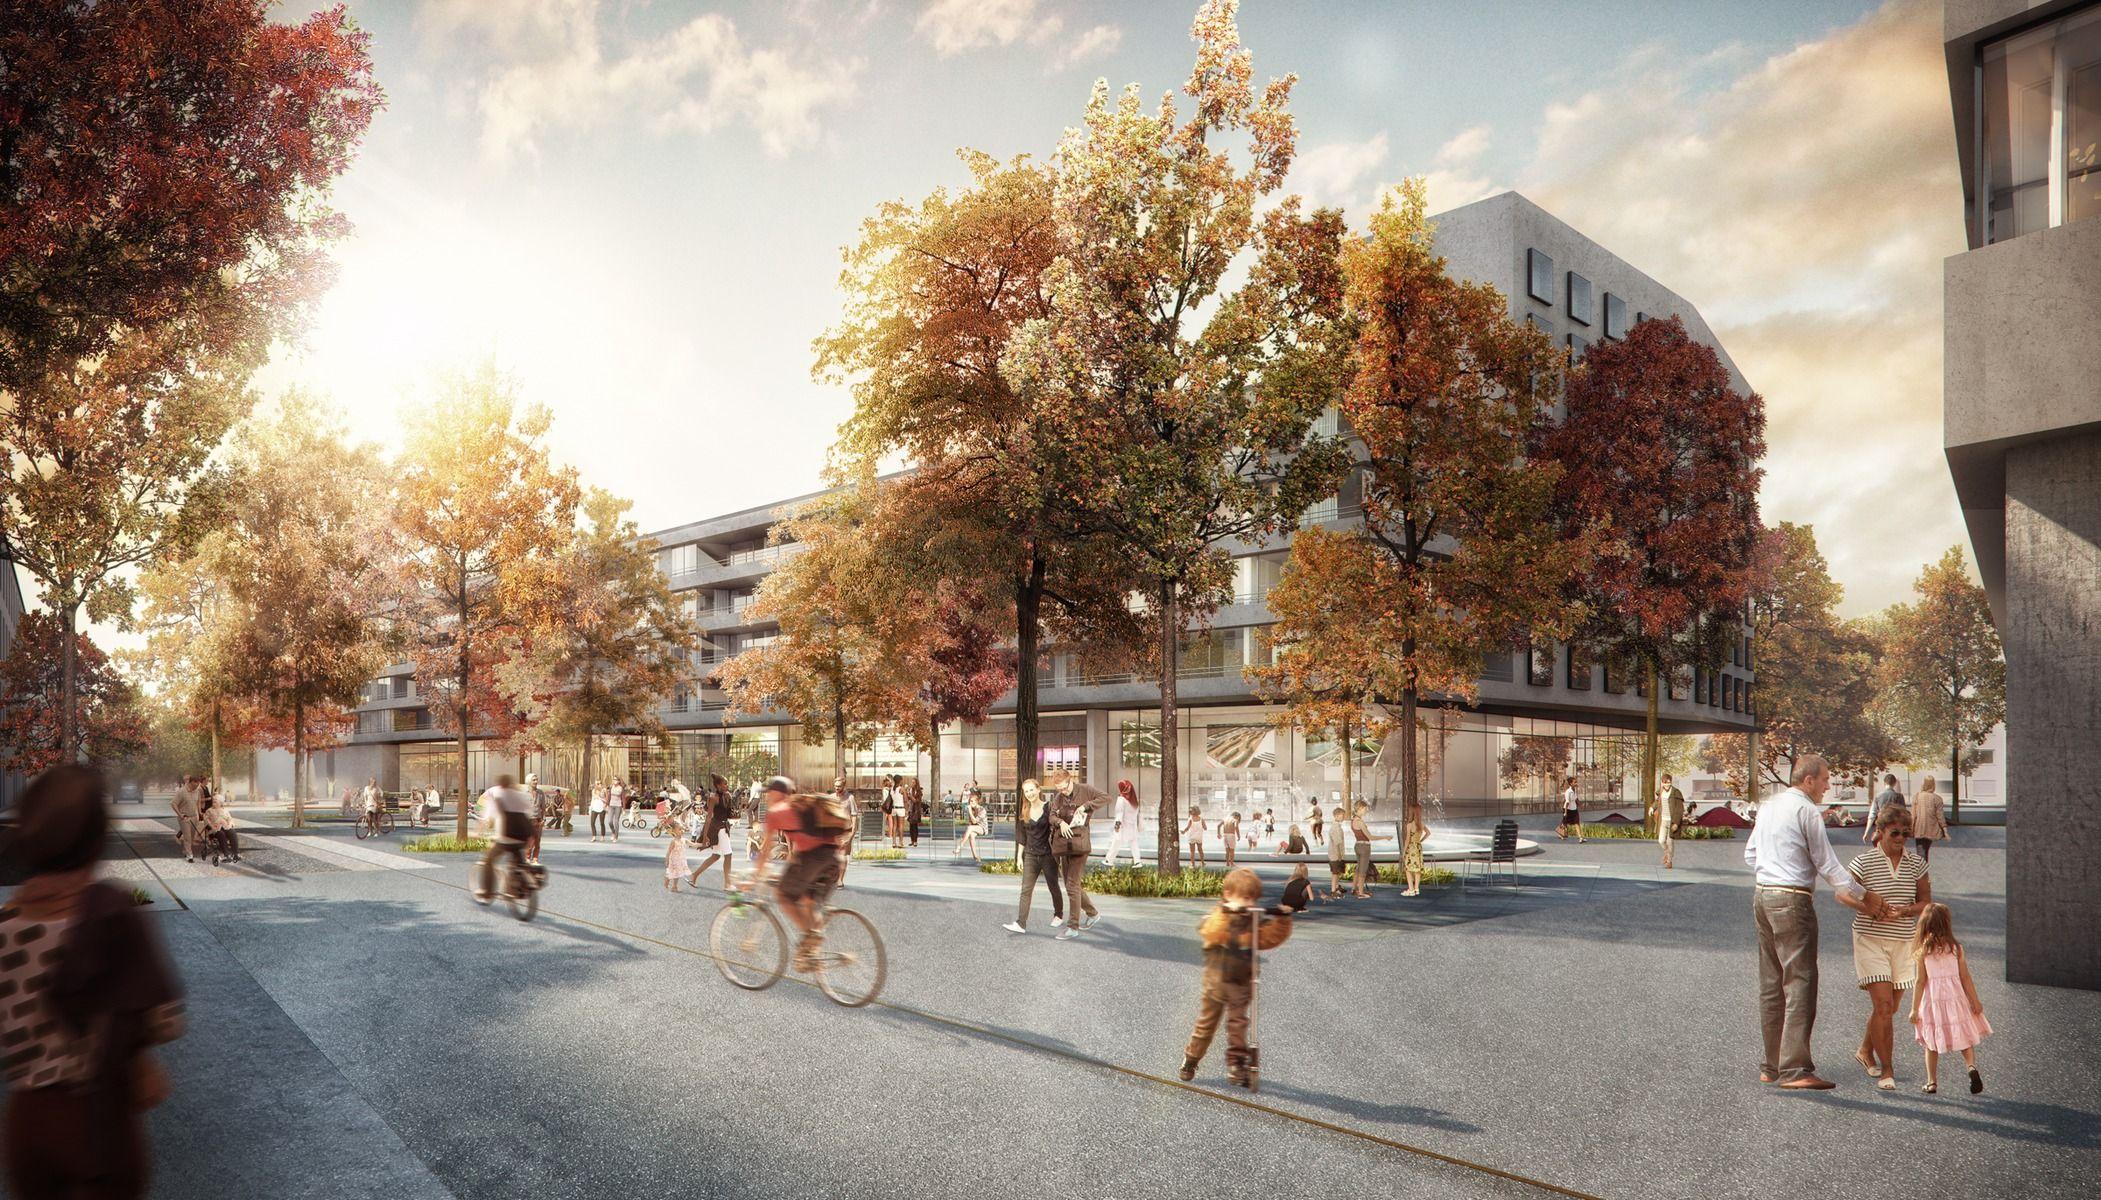 Landschaftsarchitektur München u bahnplatz riem münchen unit price studio vulkan